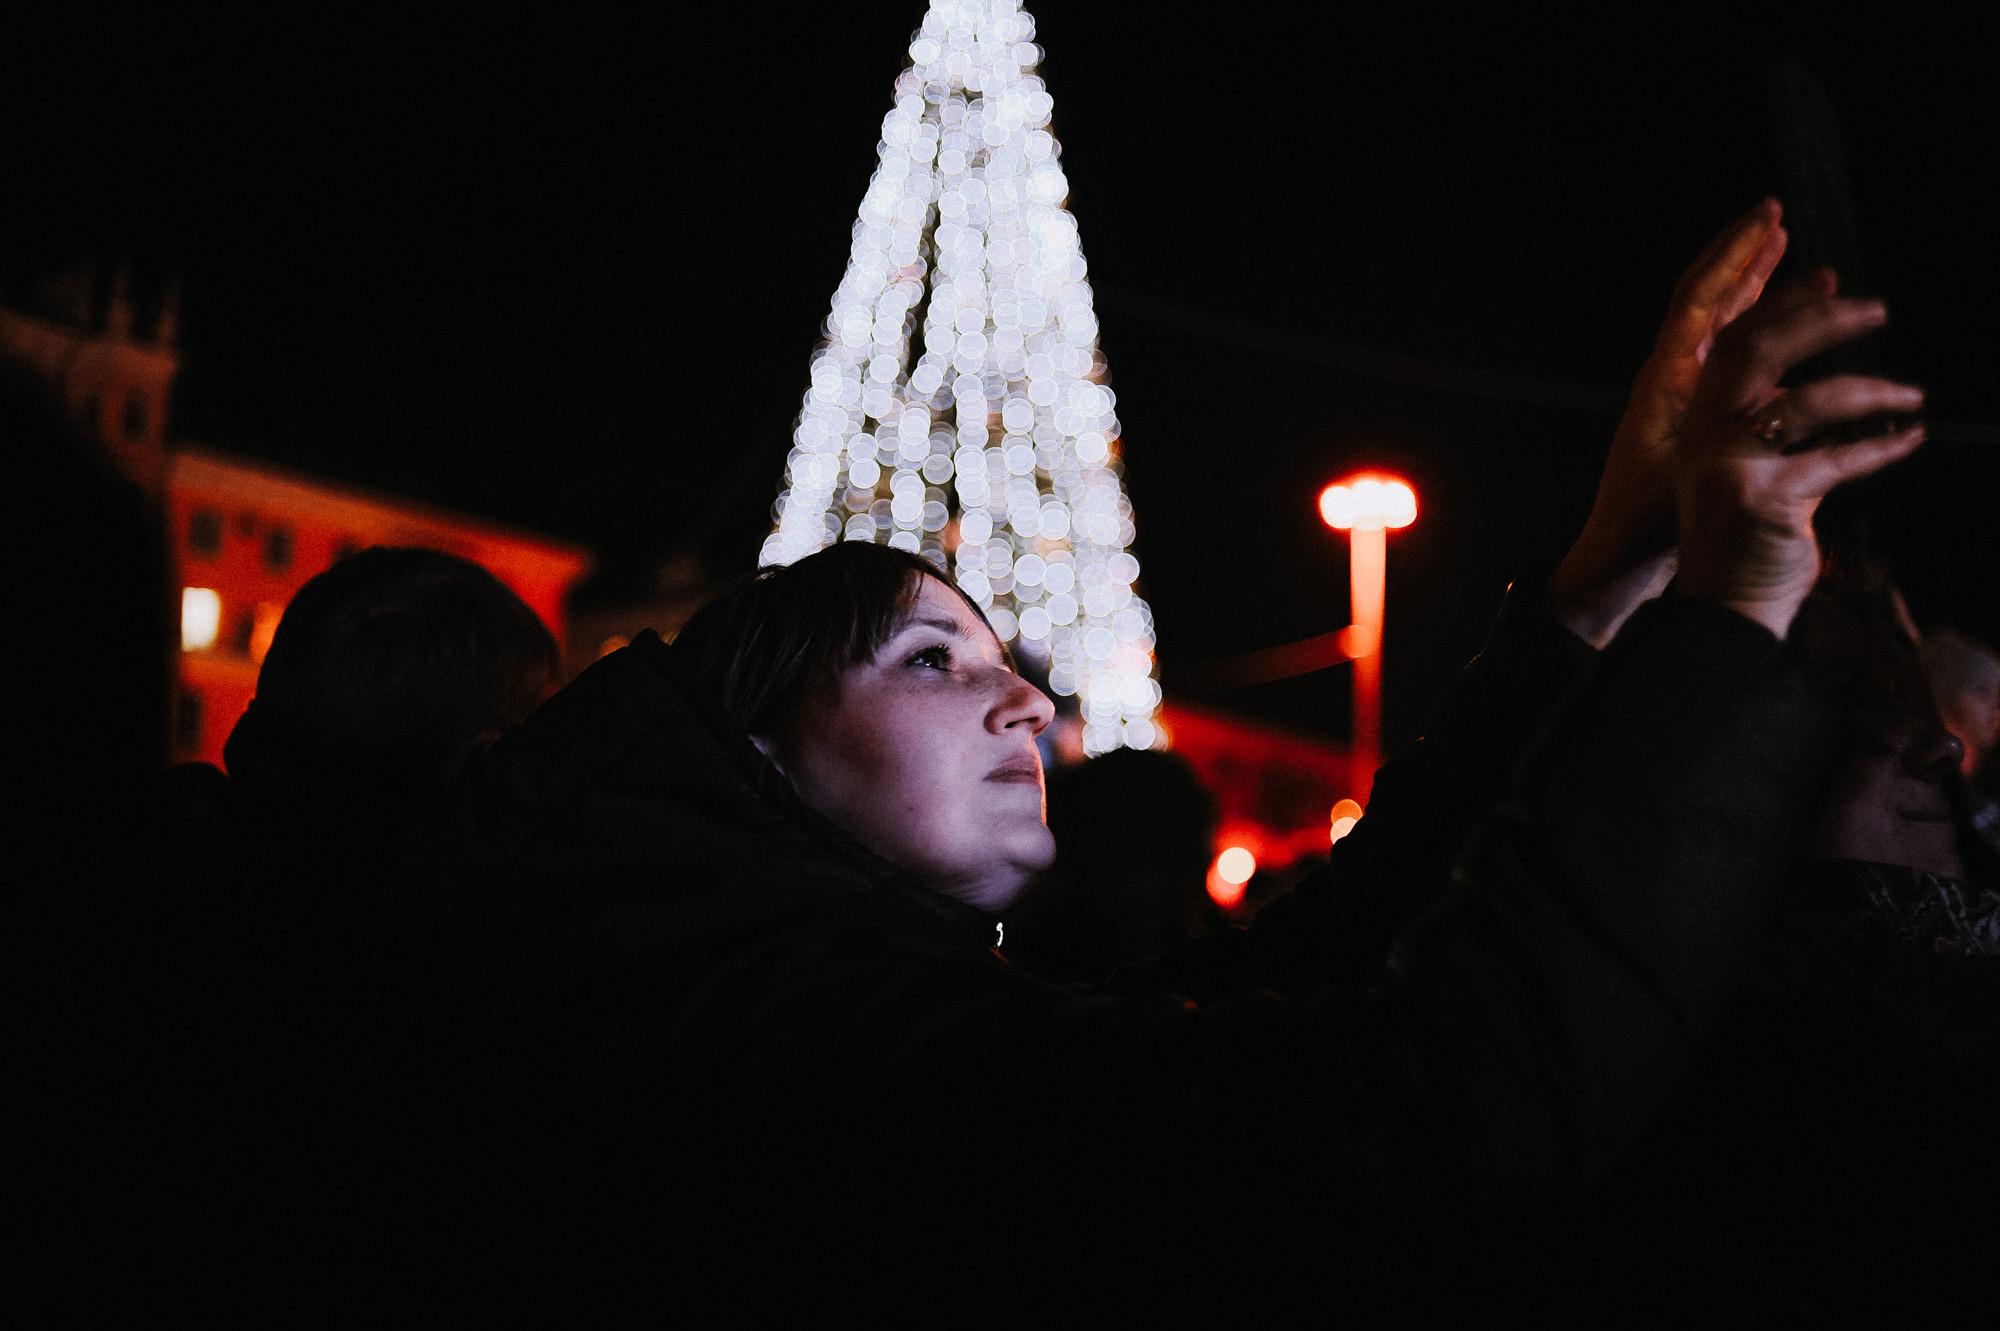 ZZZ 6992 В Астрахани на площади Ленина зажгли новогоднюю елку: кадры торжества